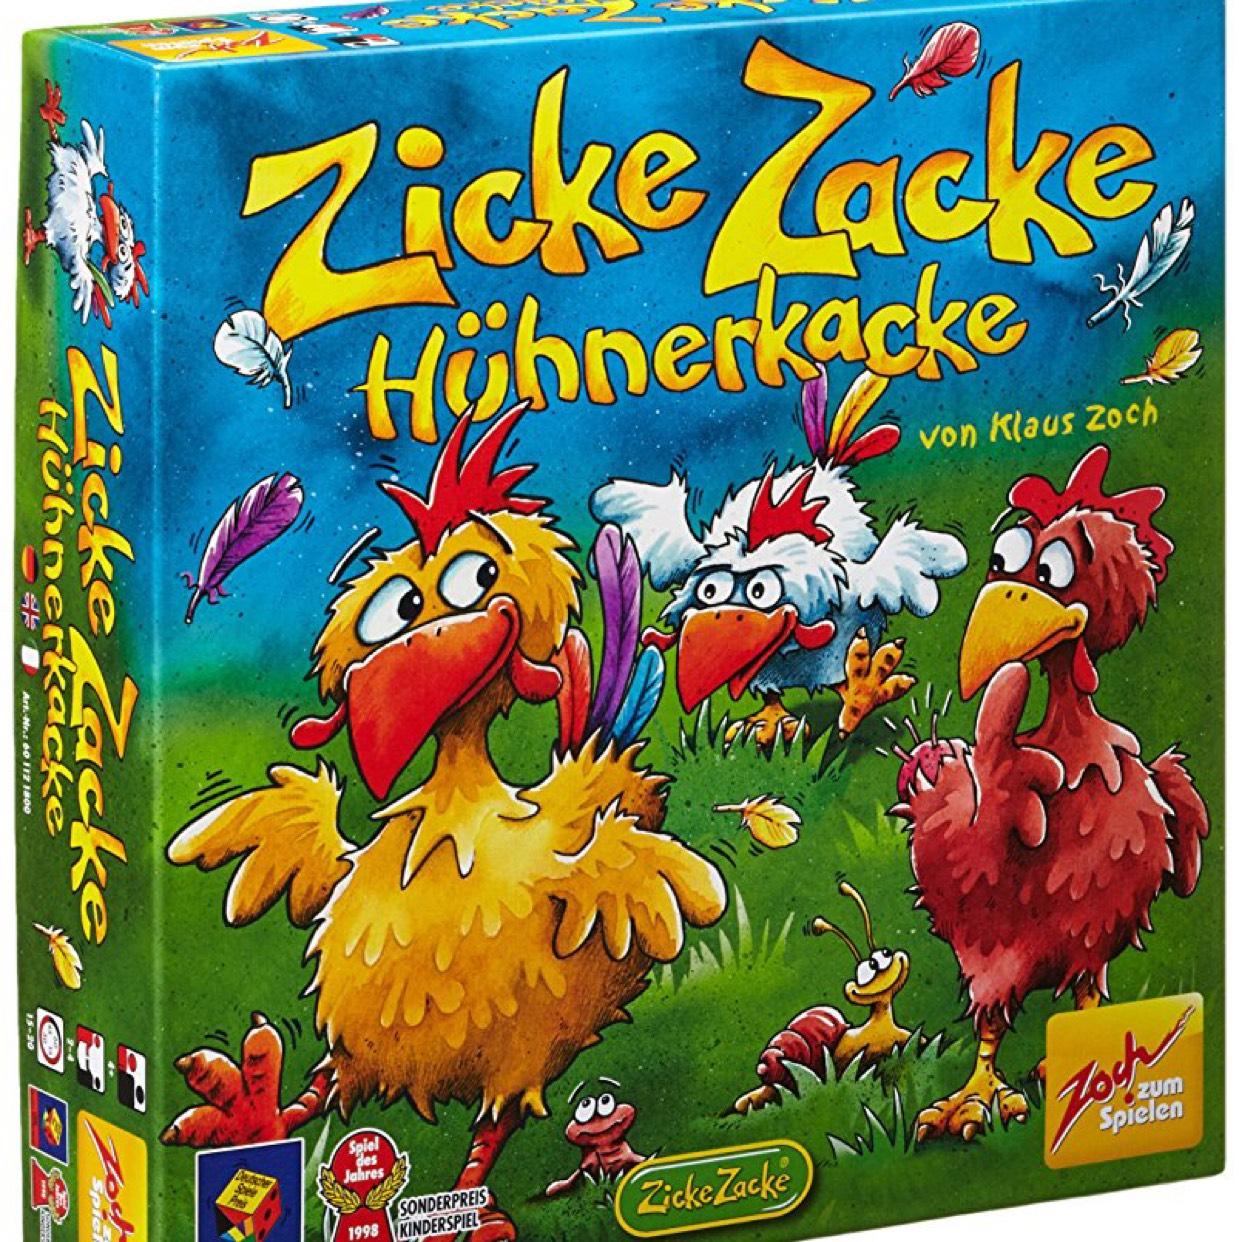 [Amazon.de] Zicke zacke Hühnerkacke Kinderspiel